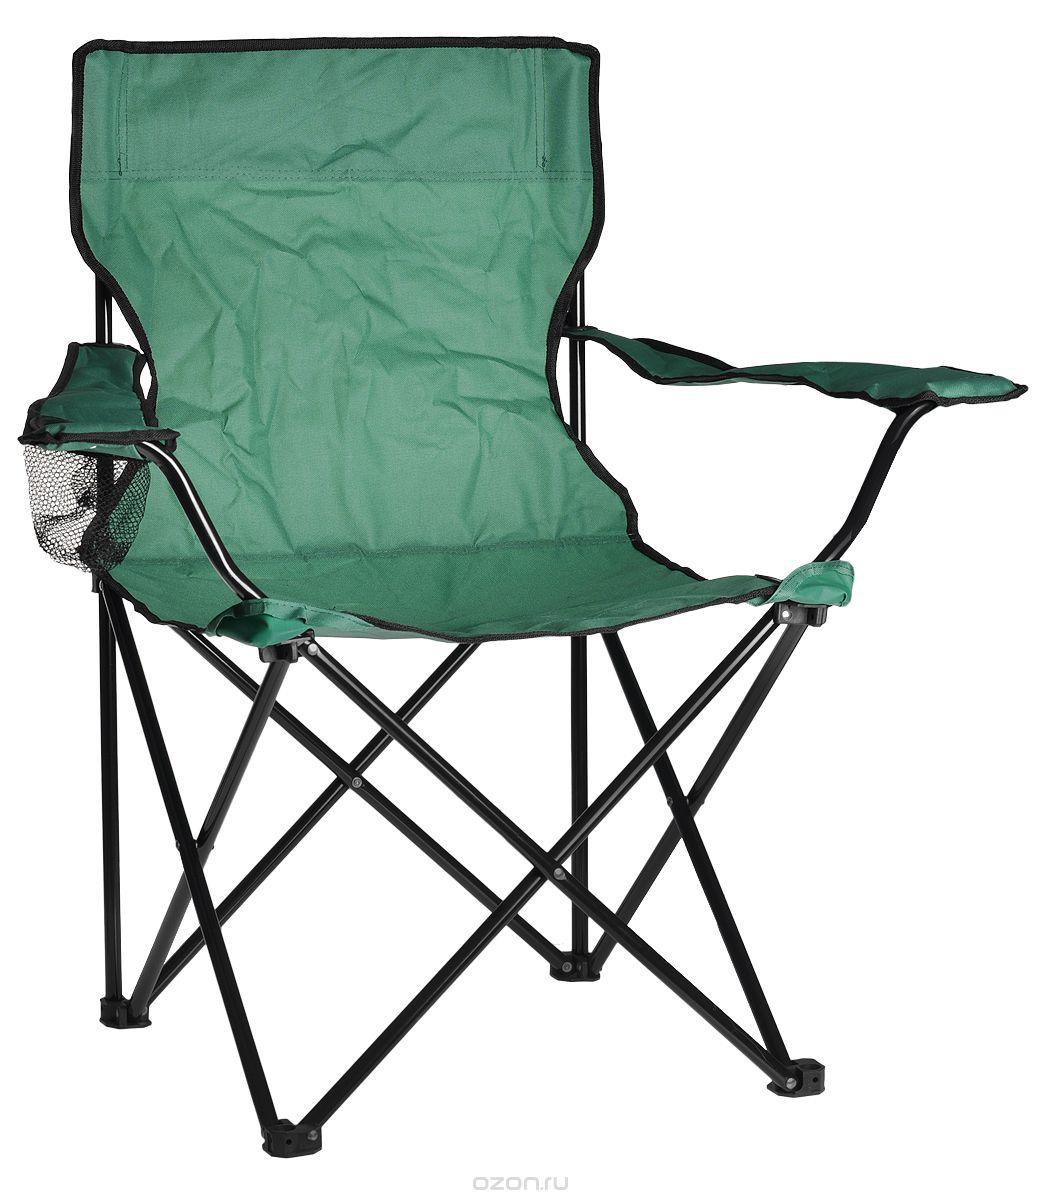 Кресло складное Reking, цвет: зеленыйC-015Комфортное складное кресло Reking с широким сиденьем, а также мягкой спинкой и подлокотниками, станет незаменимым предметом в походе, на природе, на рыбалке, а также на даче. На подлокотнике имеется отделение для бутылки или стакана. Кресло имеет прочный металлический каркас и покрытие из полиэстера, оно легко собирается и разбирается и не занимает много места, поэтому подходит для транспортировки и хранения дома.Максимальная нагрузка на кресло: 100 кг.